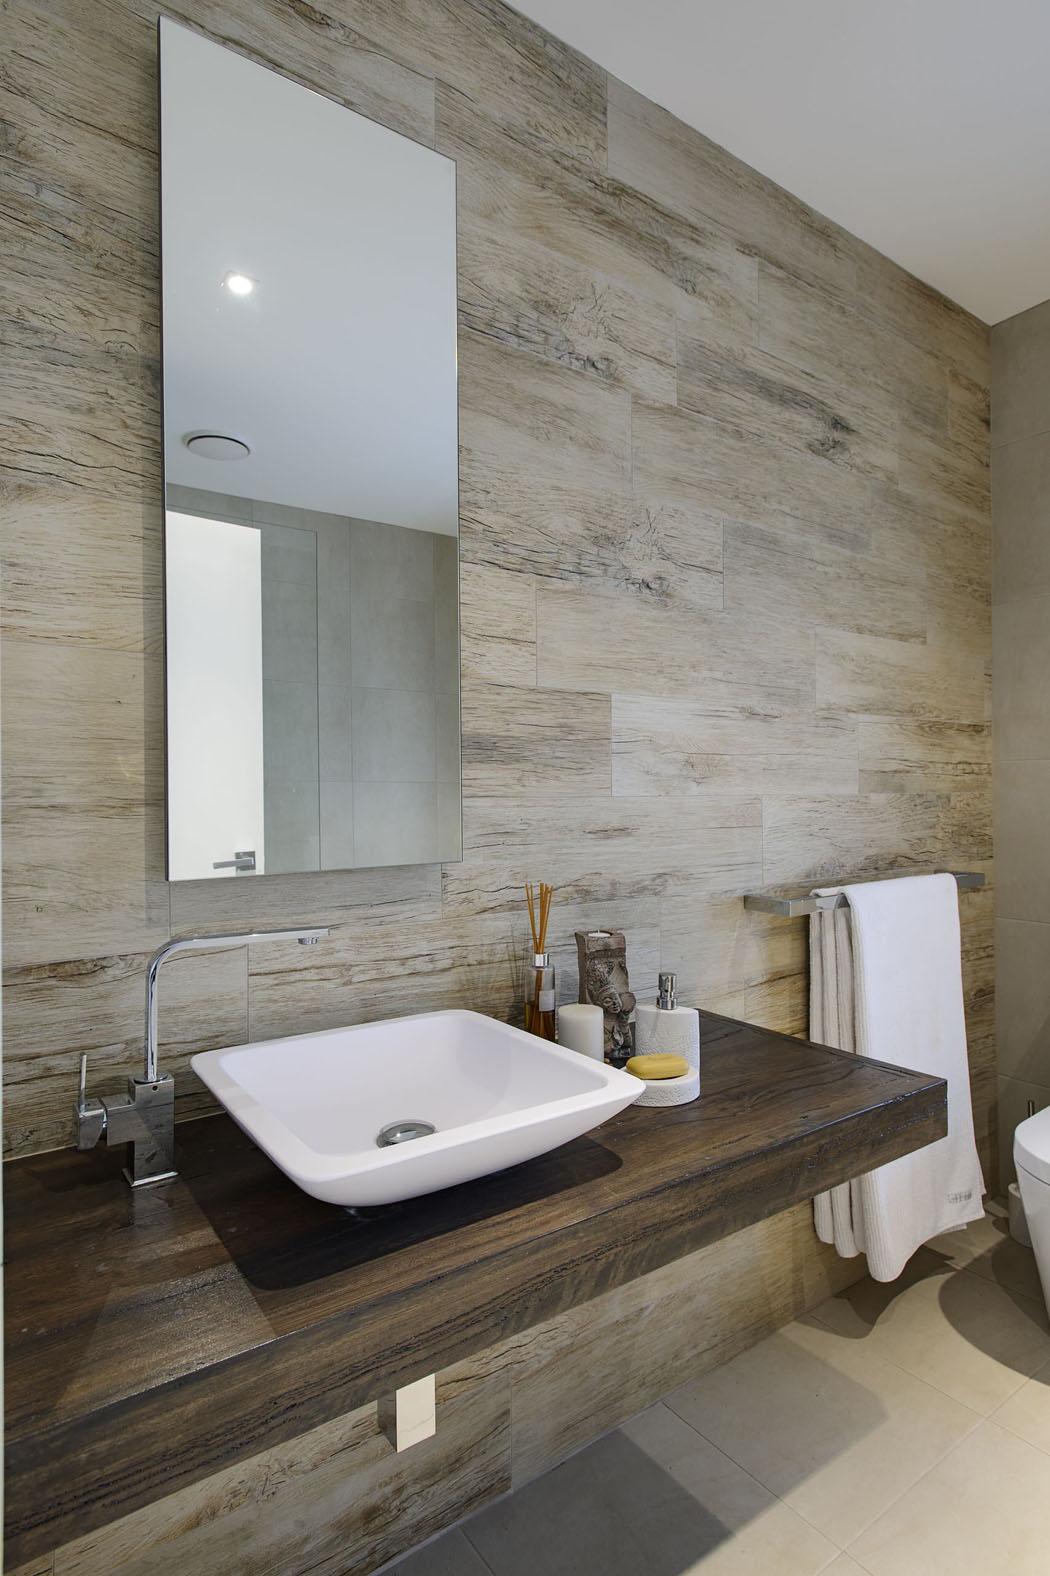 Belle maison design moderne mi chemin entre la ville et la c te australienn - Toilettes design maison ...